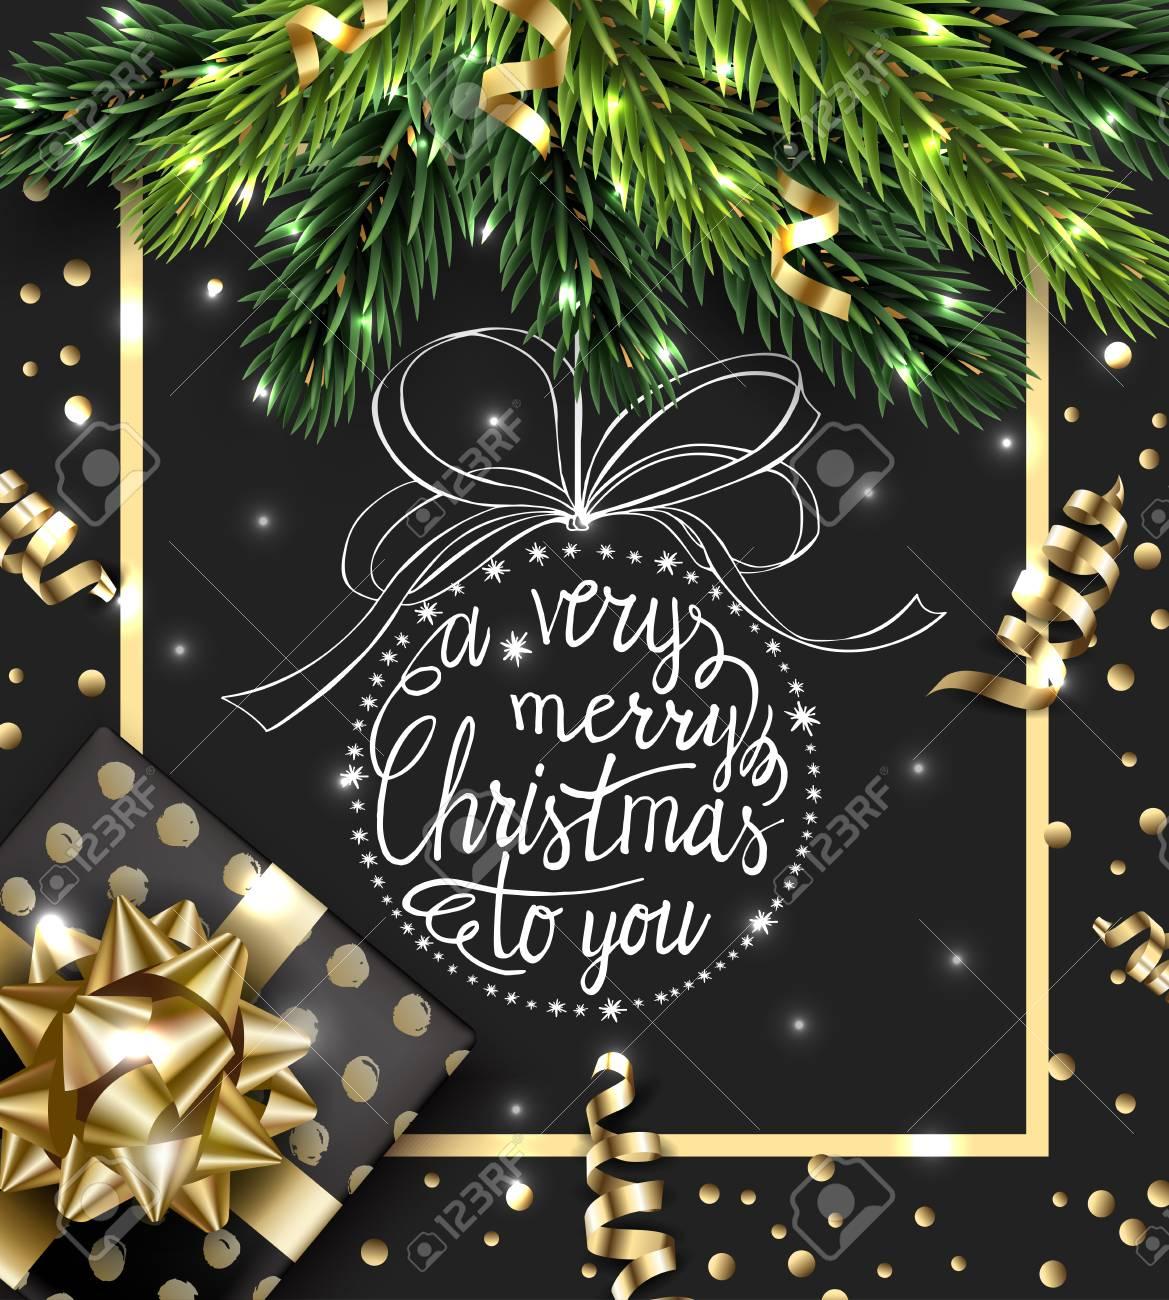 Foto Con Auguri Di Buon Natale.Auguri Di Buon Natale E Felice Anno Nuovo Con Con Rami Di